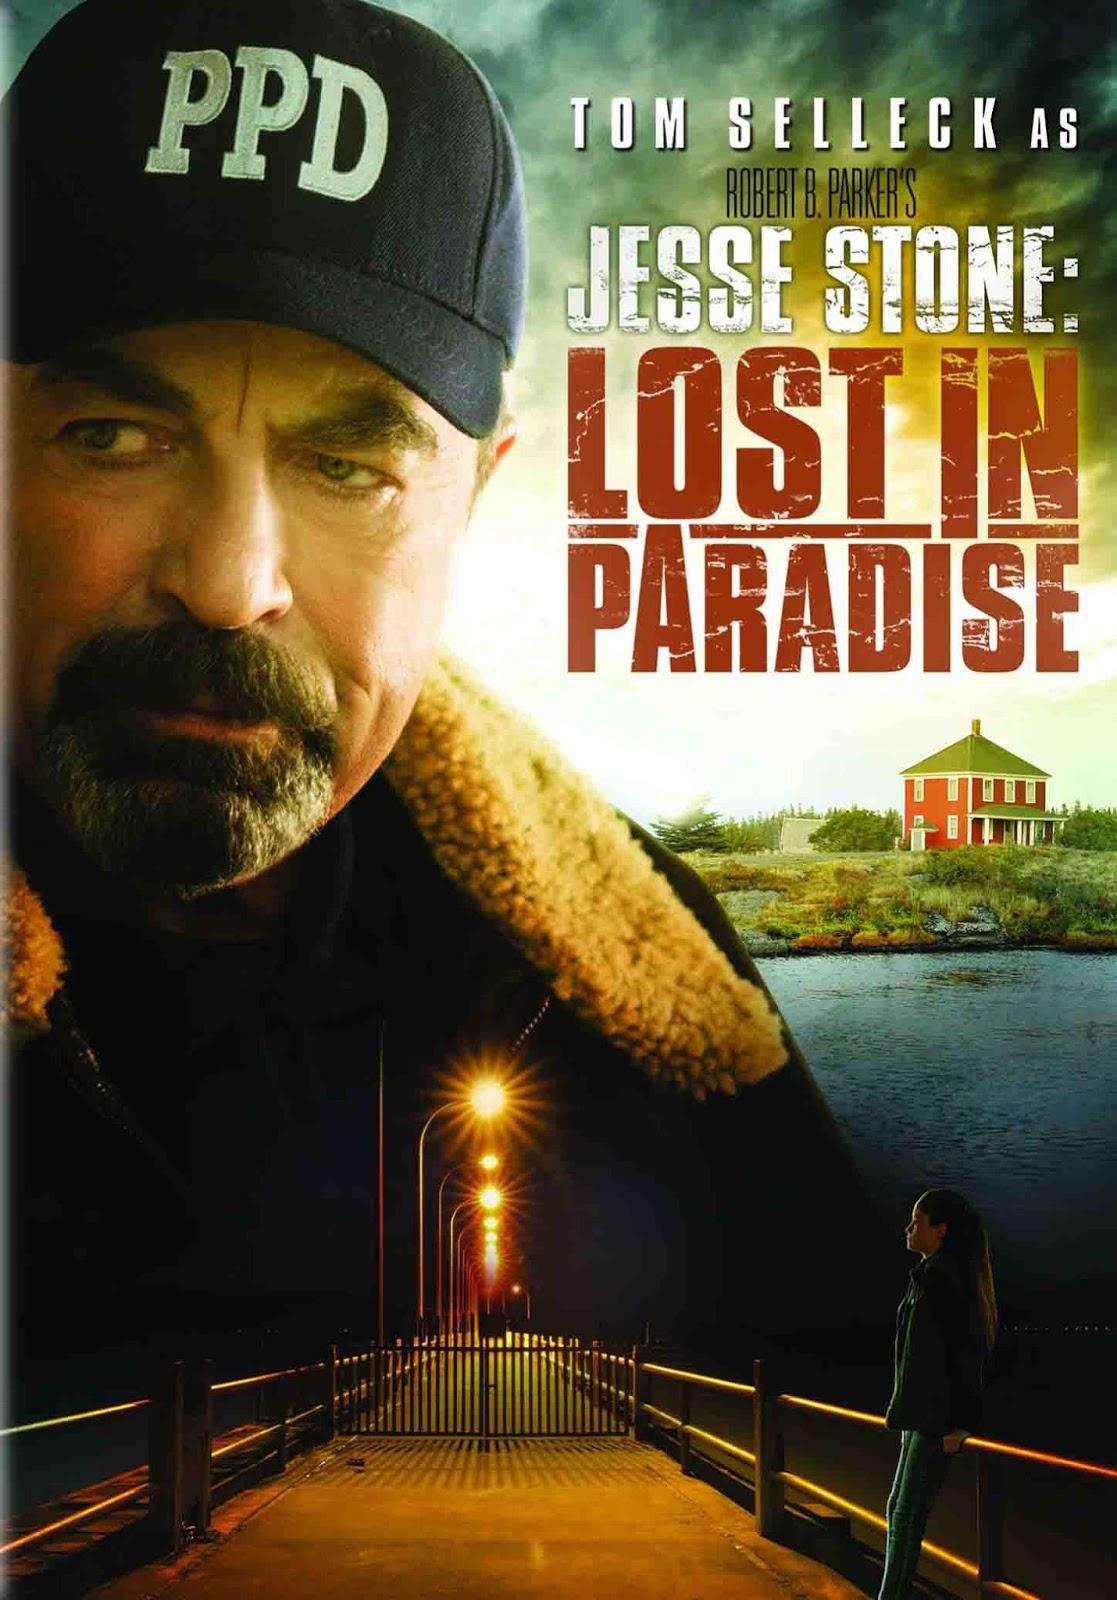 Jesse Stone Perdido no Paraíso - HD 720p